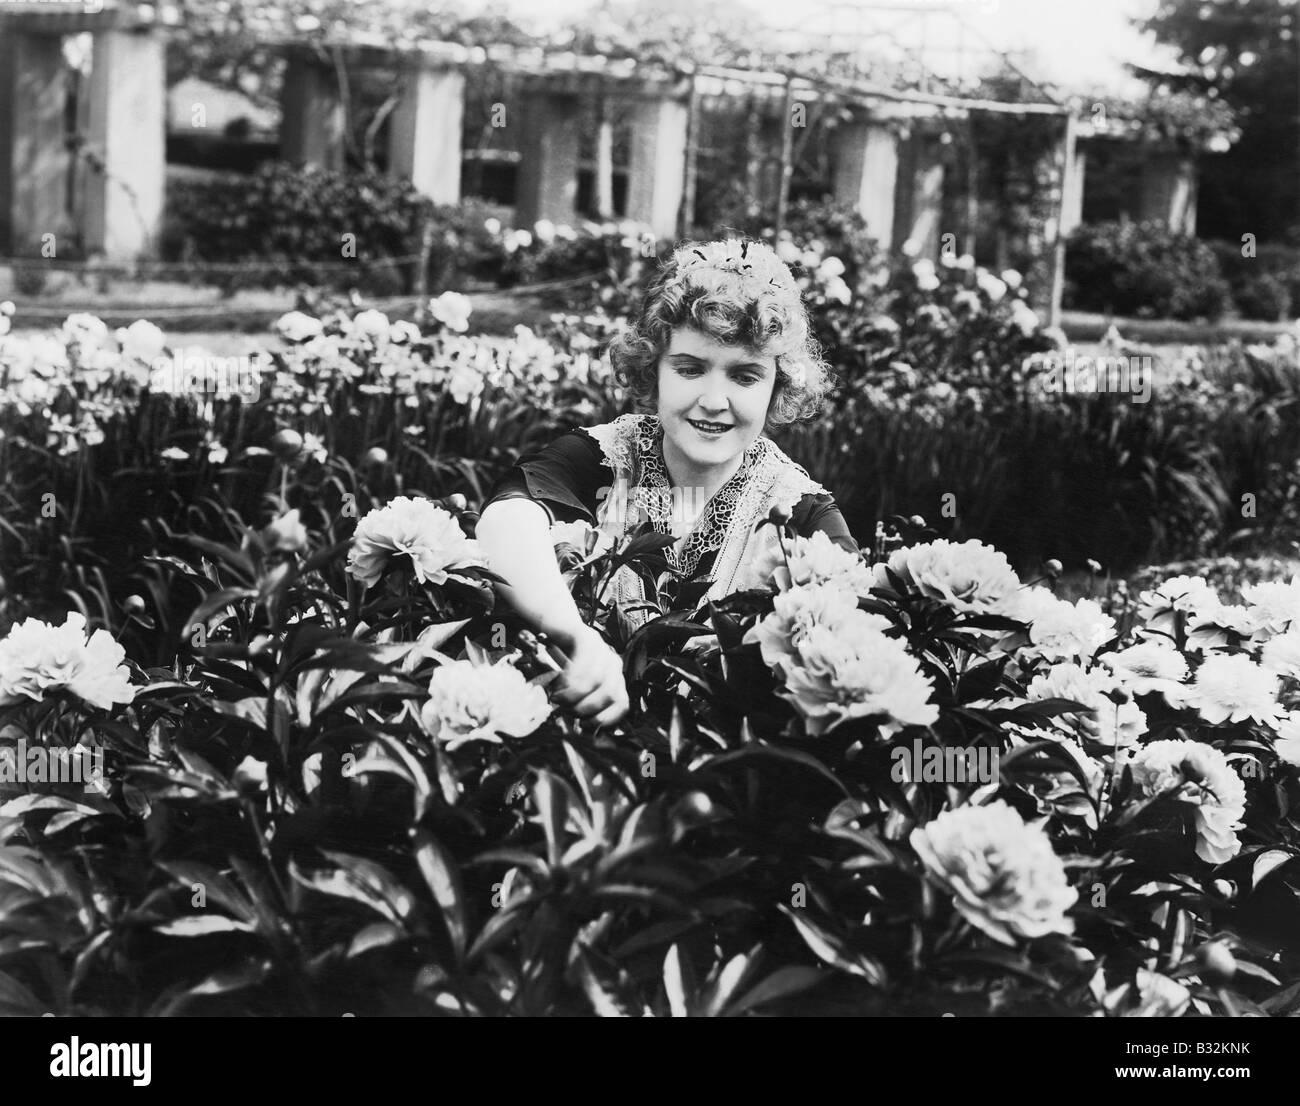 Woman tending flowers in garden - Stock Image